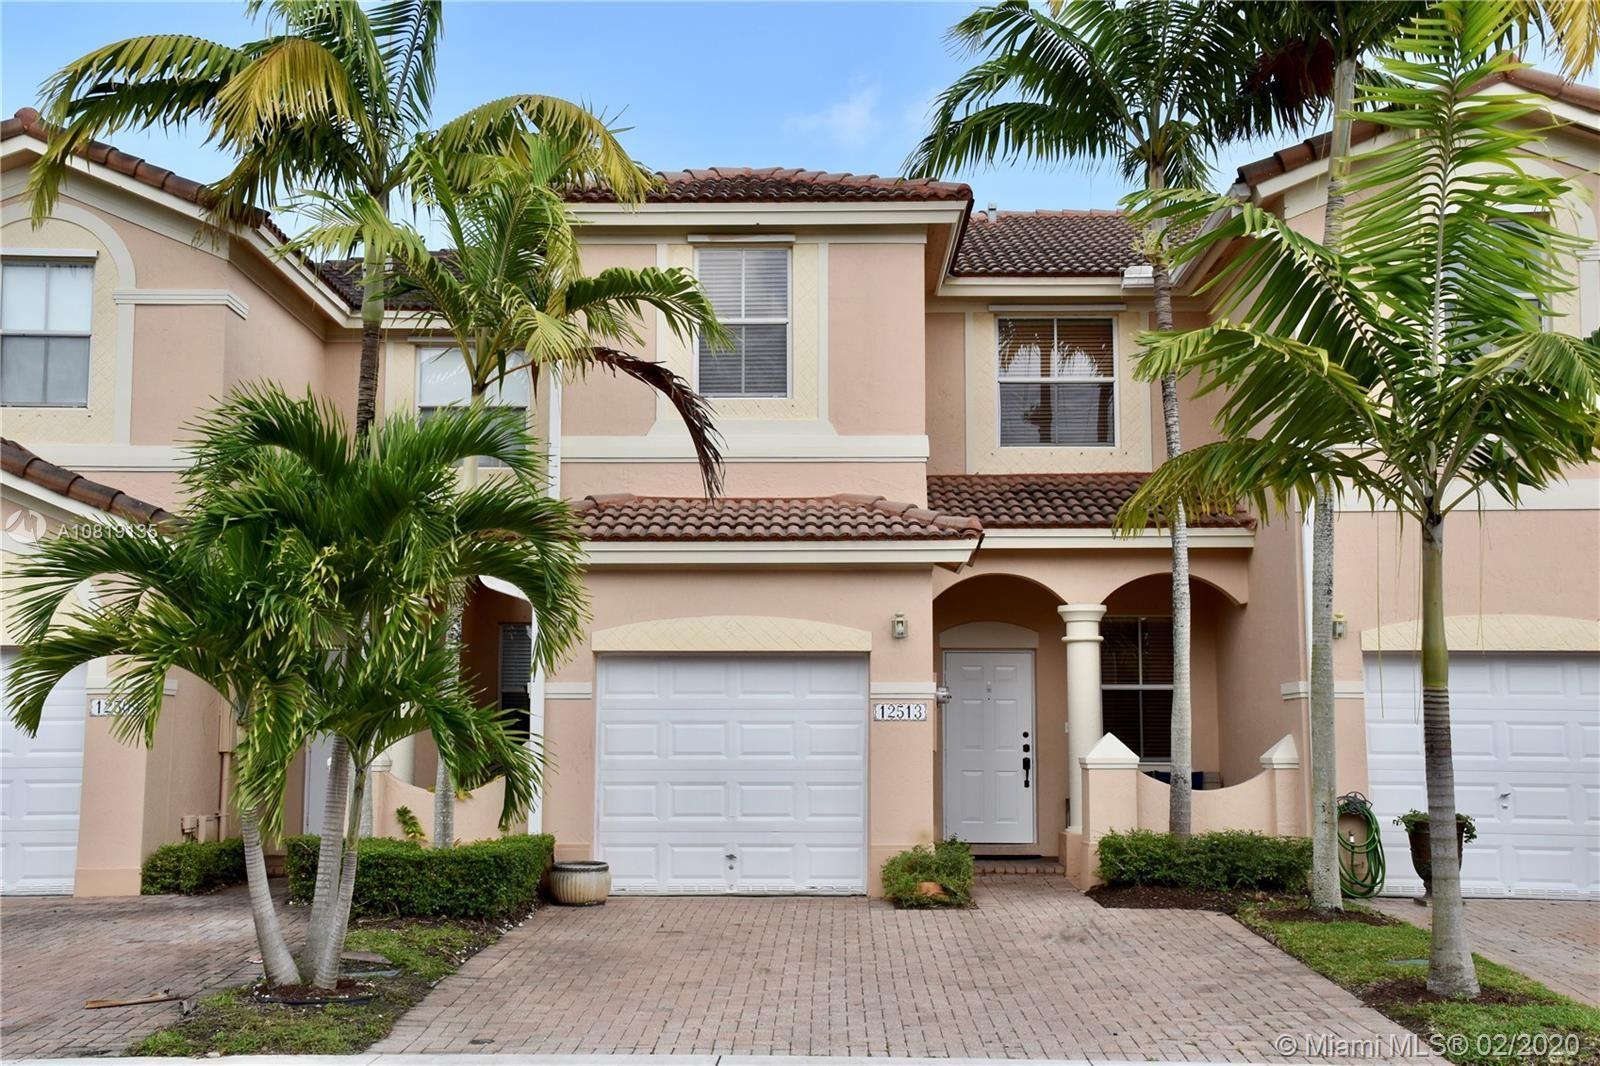 12513 SW 125th Ct, Miami, FL 33186 - #: A10819135